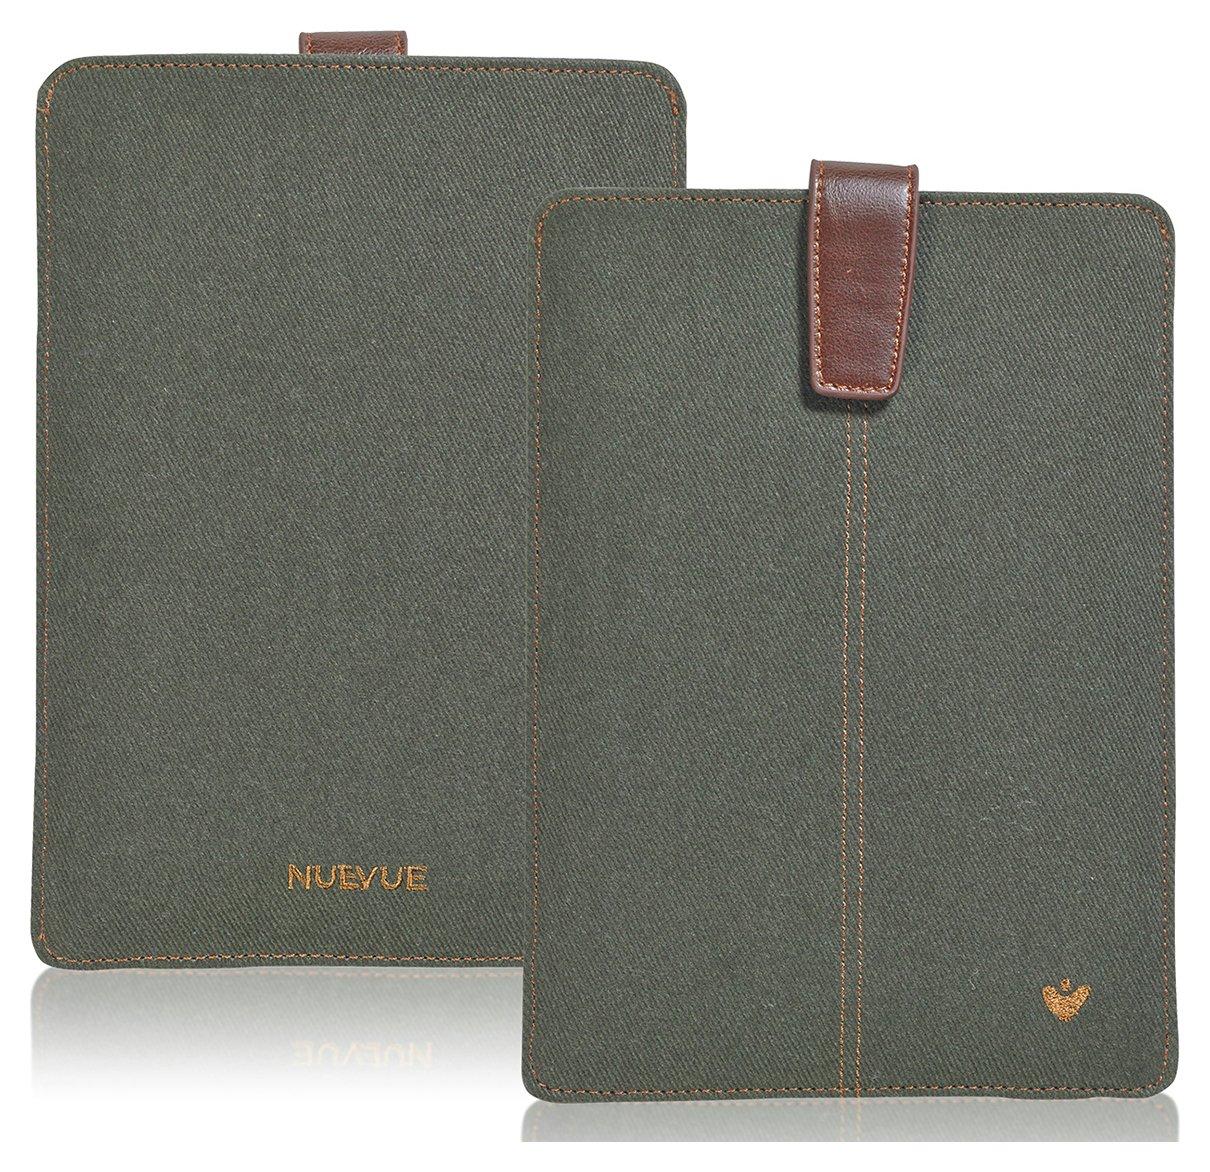 NueVue NueVue Cotton Twill Apple - iPad Case - Green/Orange